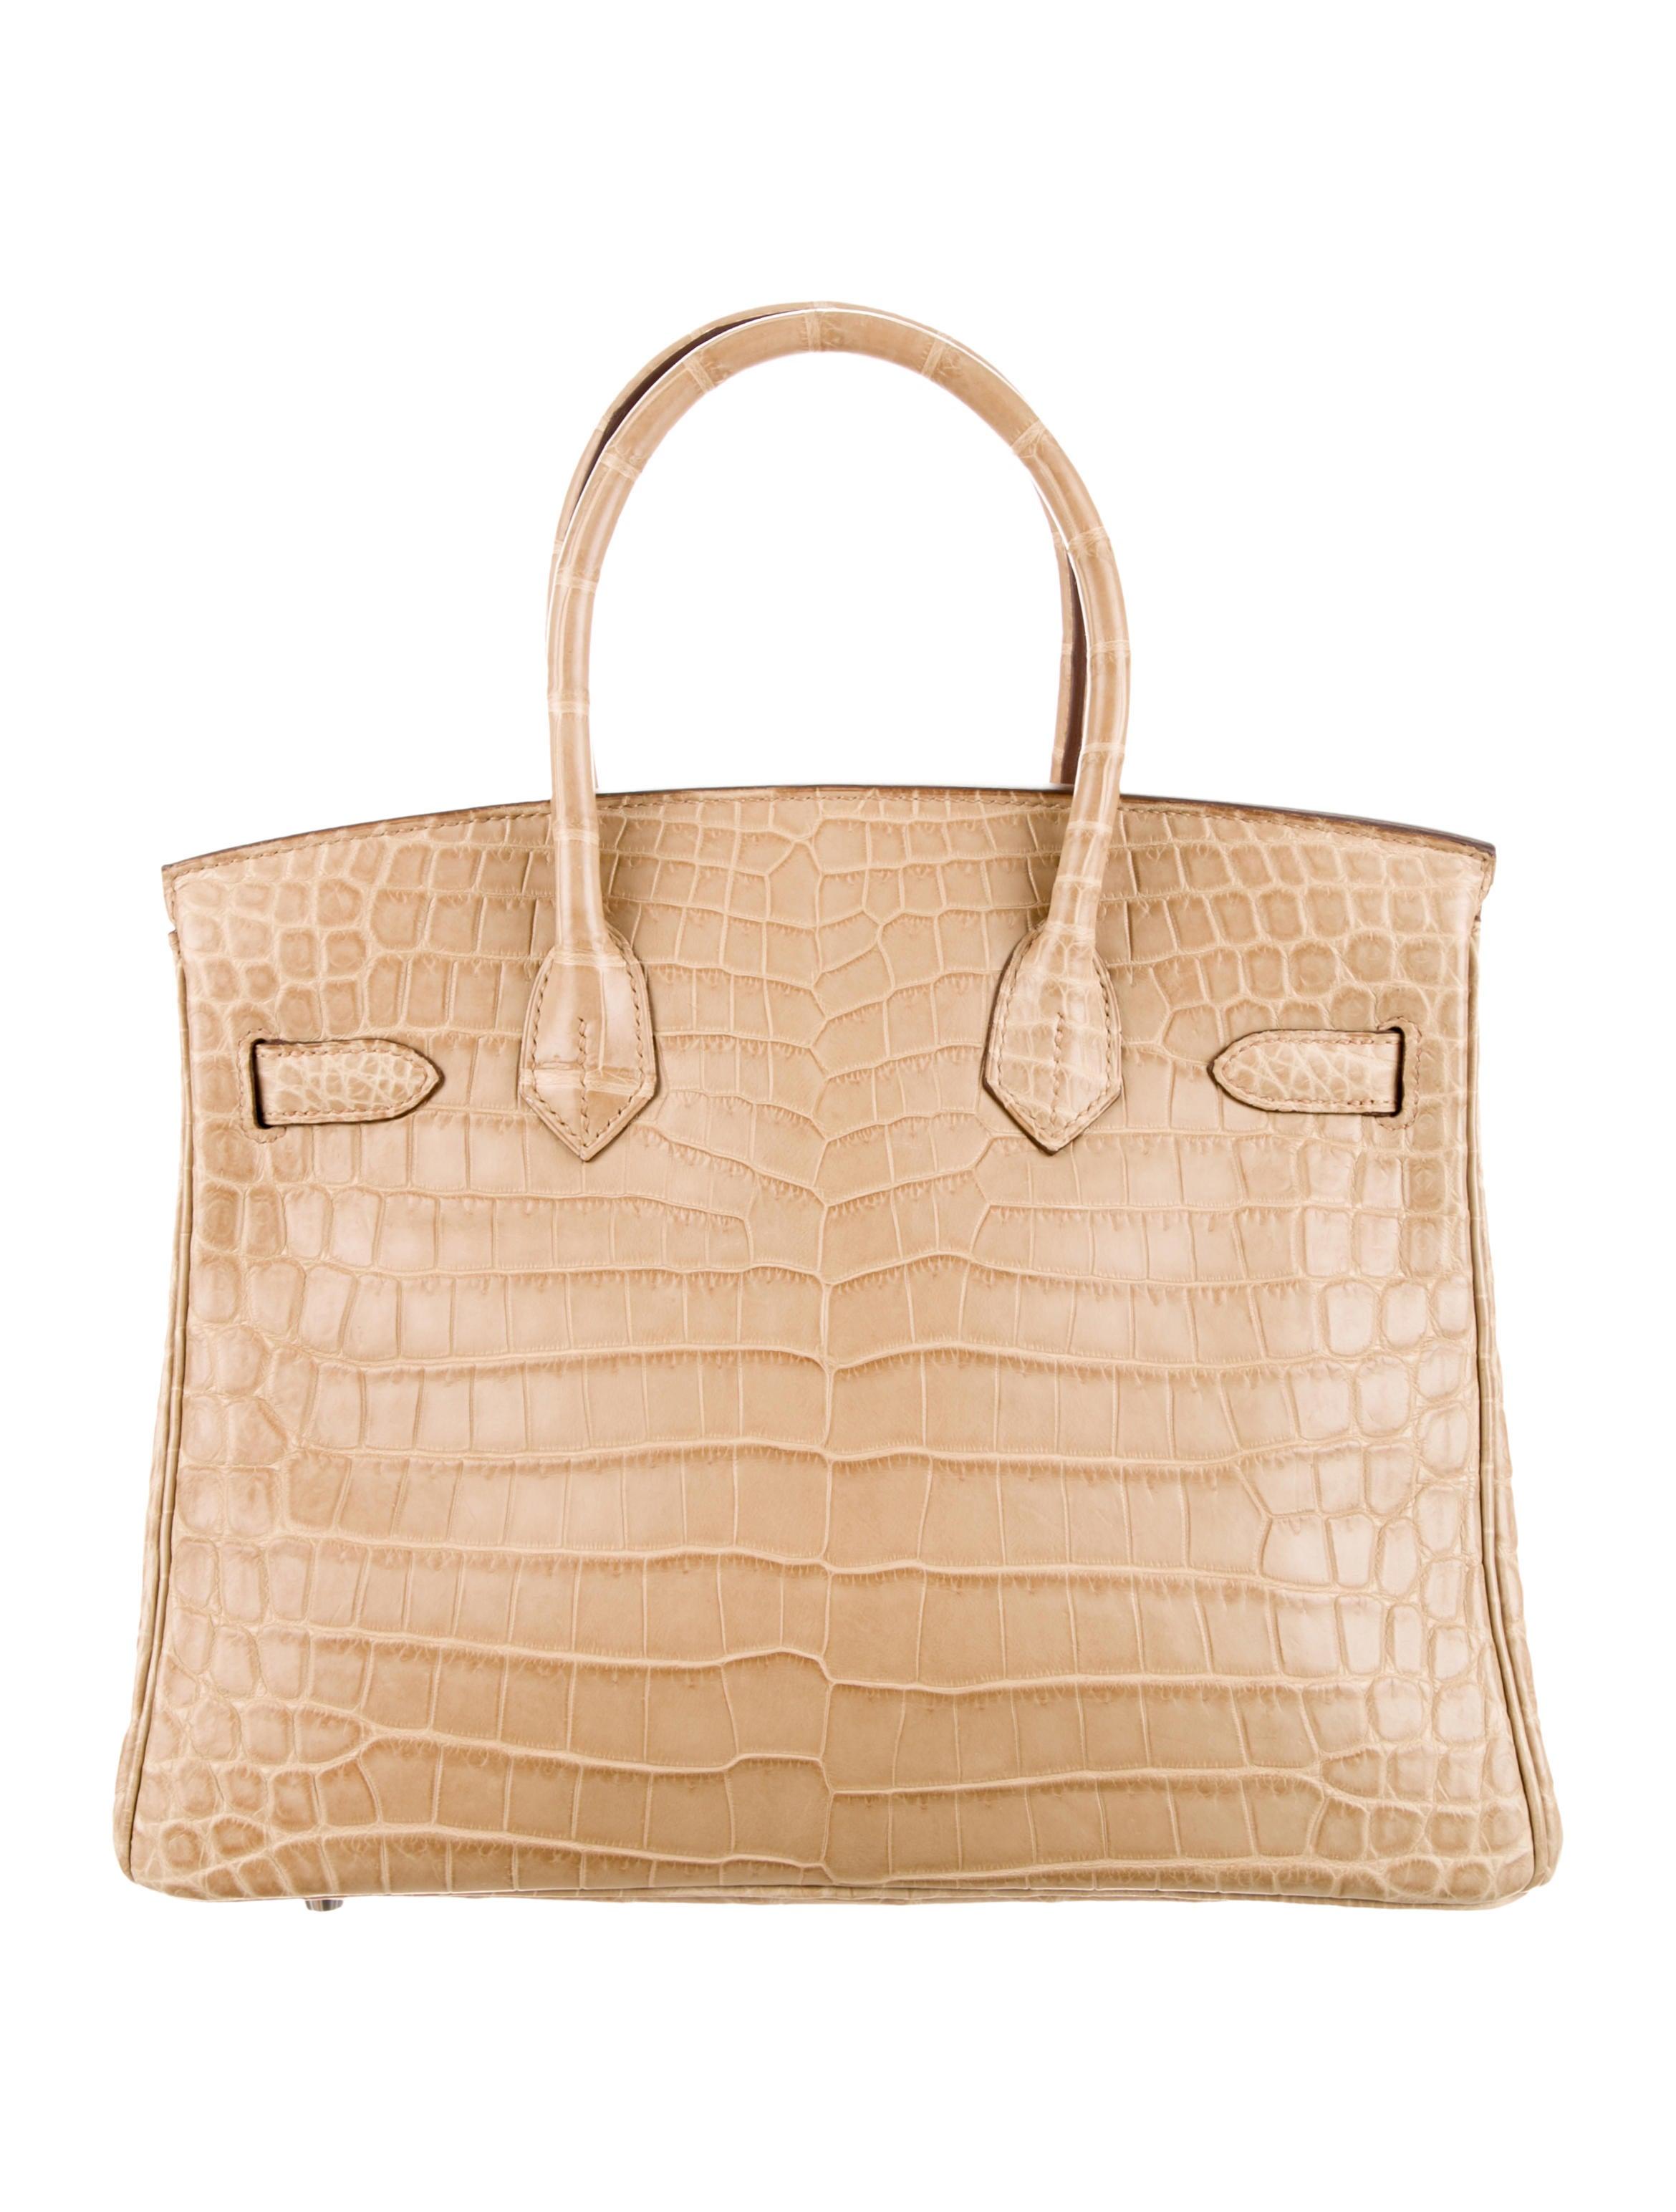 7868eb921a Buy Hermes Birkin Bags Online